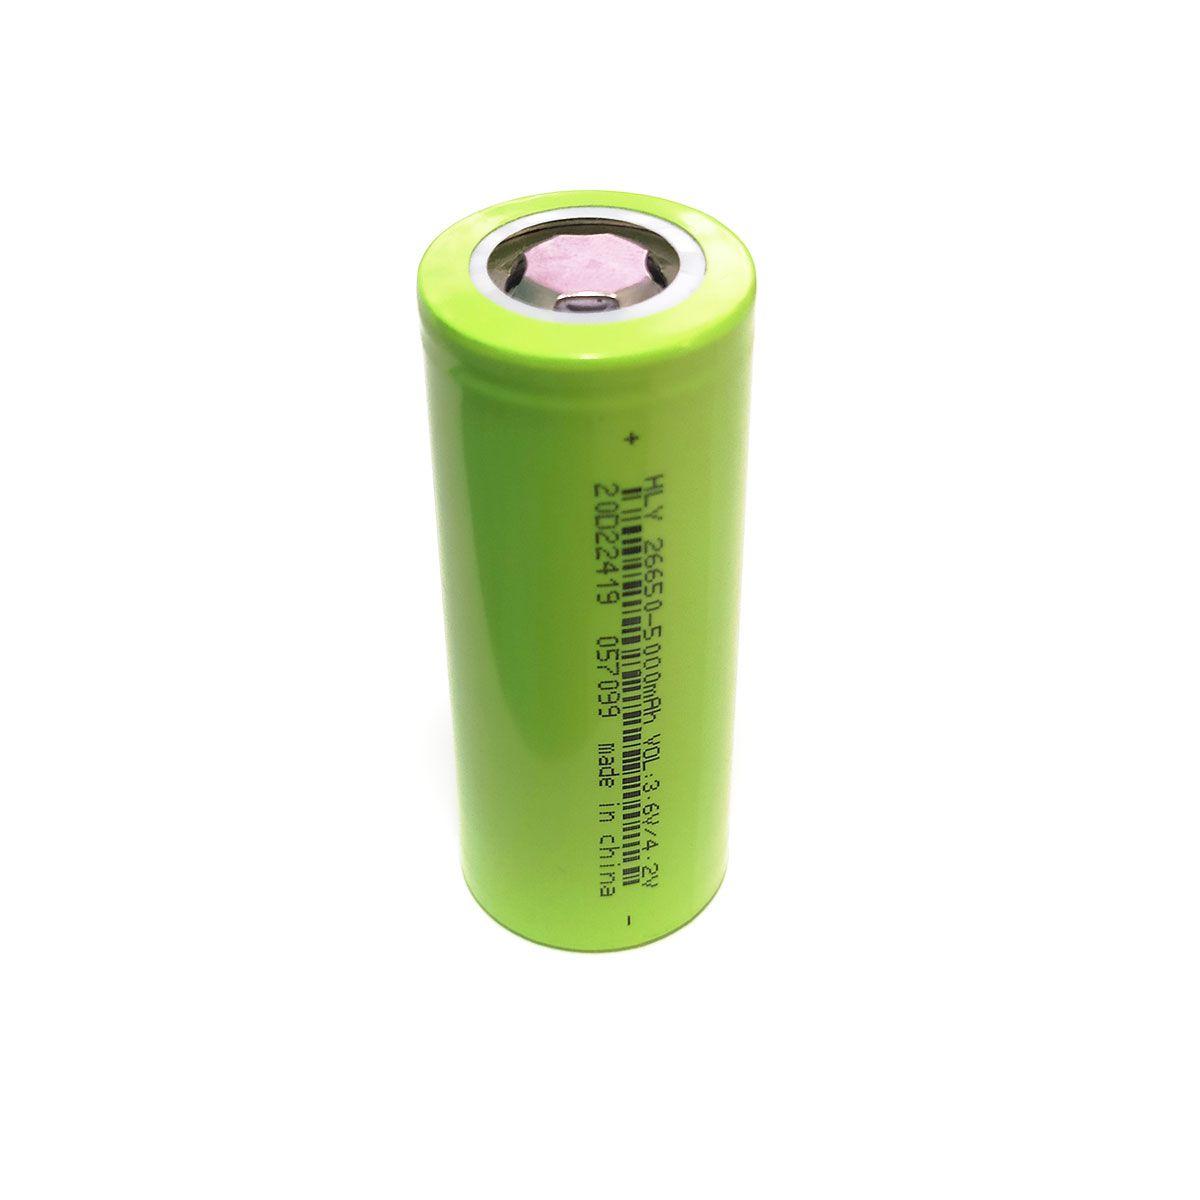 1x Bateria 3,7V HLY 25650 de Lítio Recarregável - 25mm x 65mm